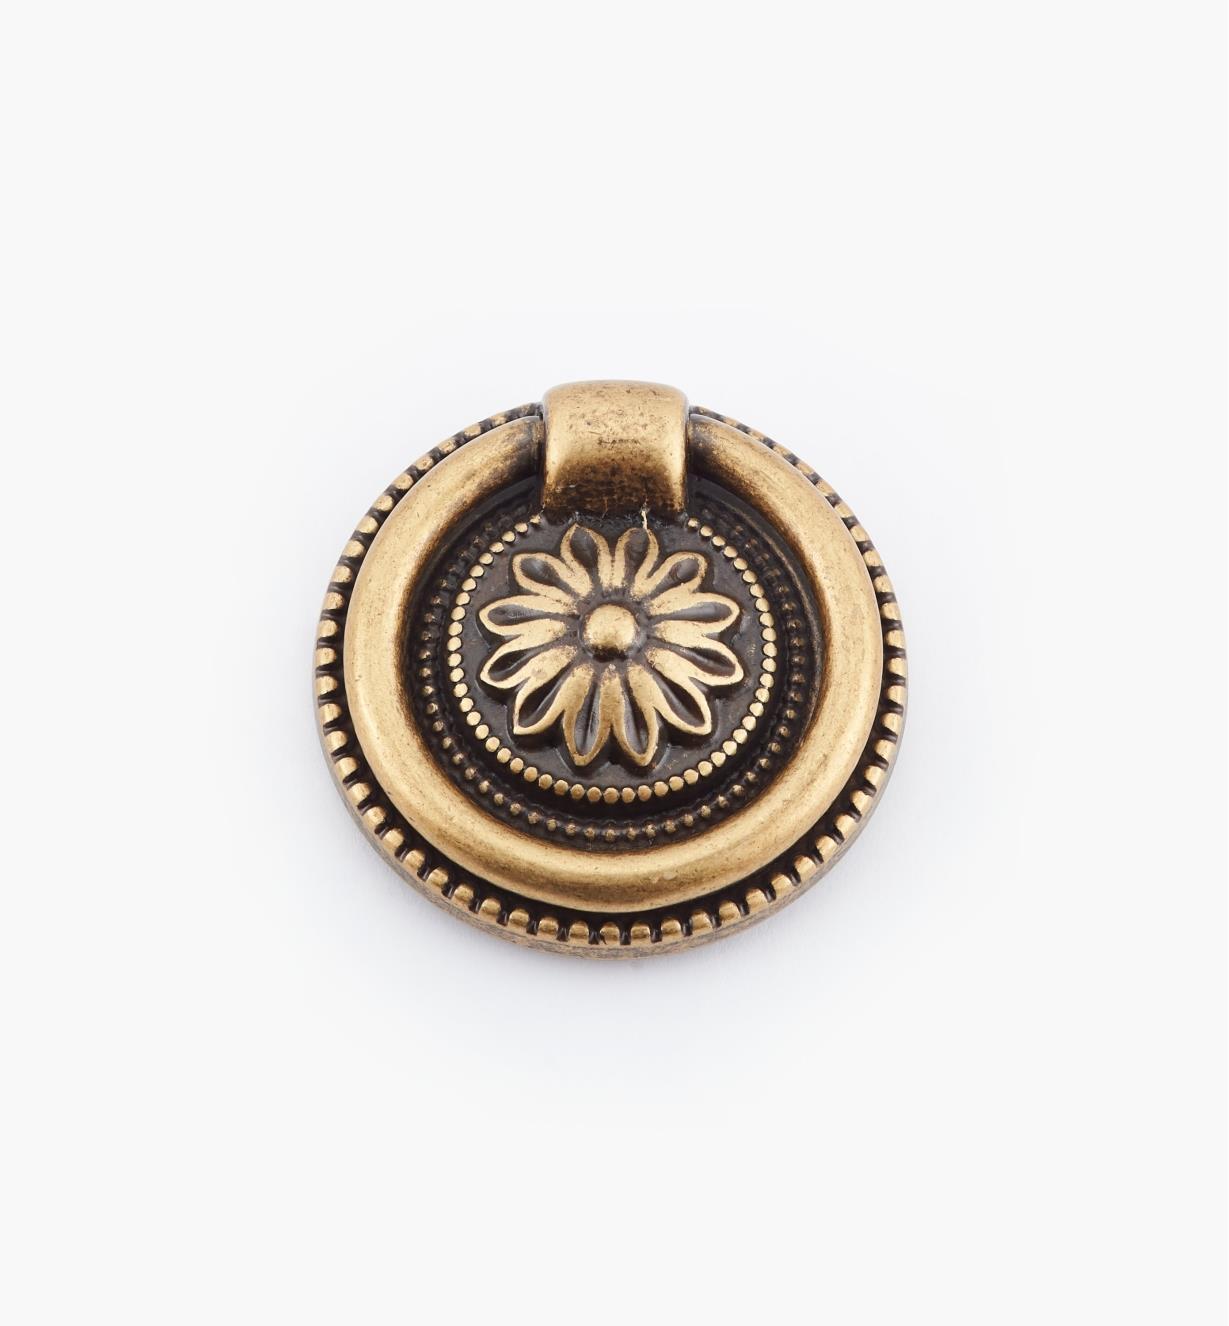 01A6437 - Poignée à anneau sur platine LouisXVI, laiton antique, 37mm